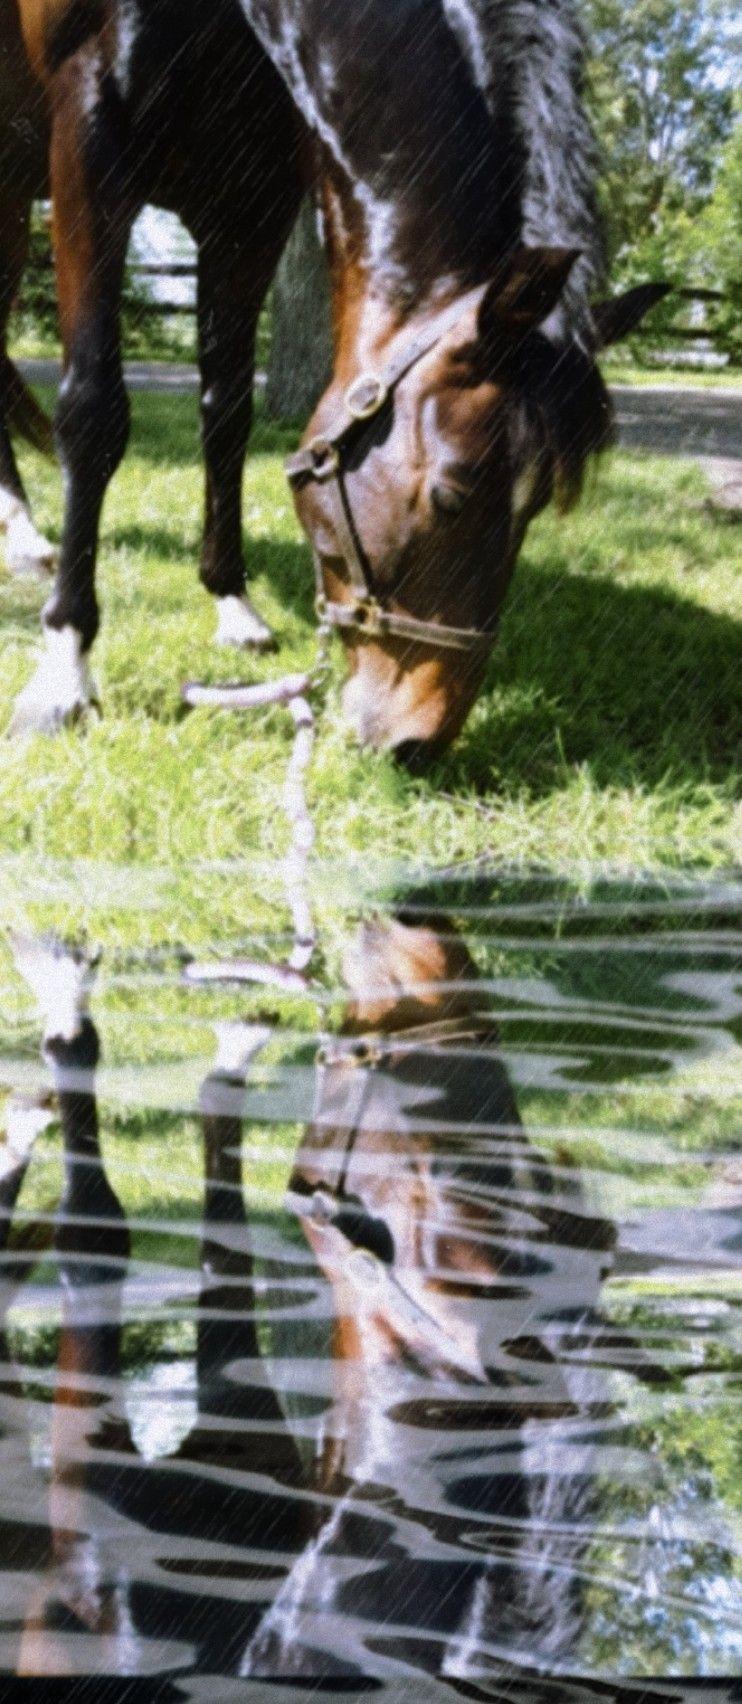 #freetoedit #horse #gibby #pony